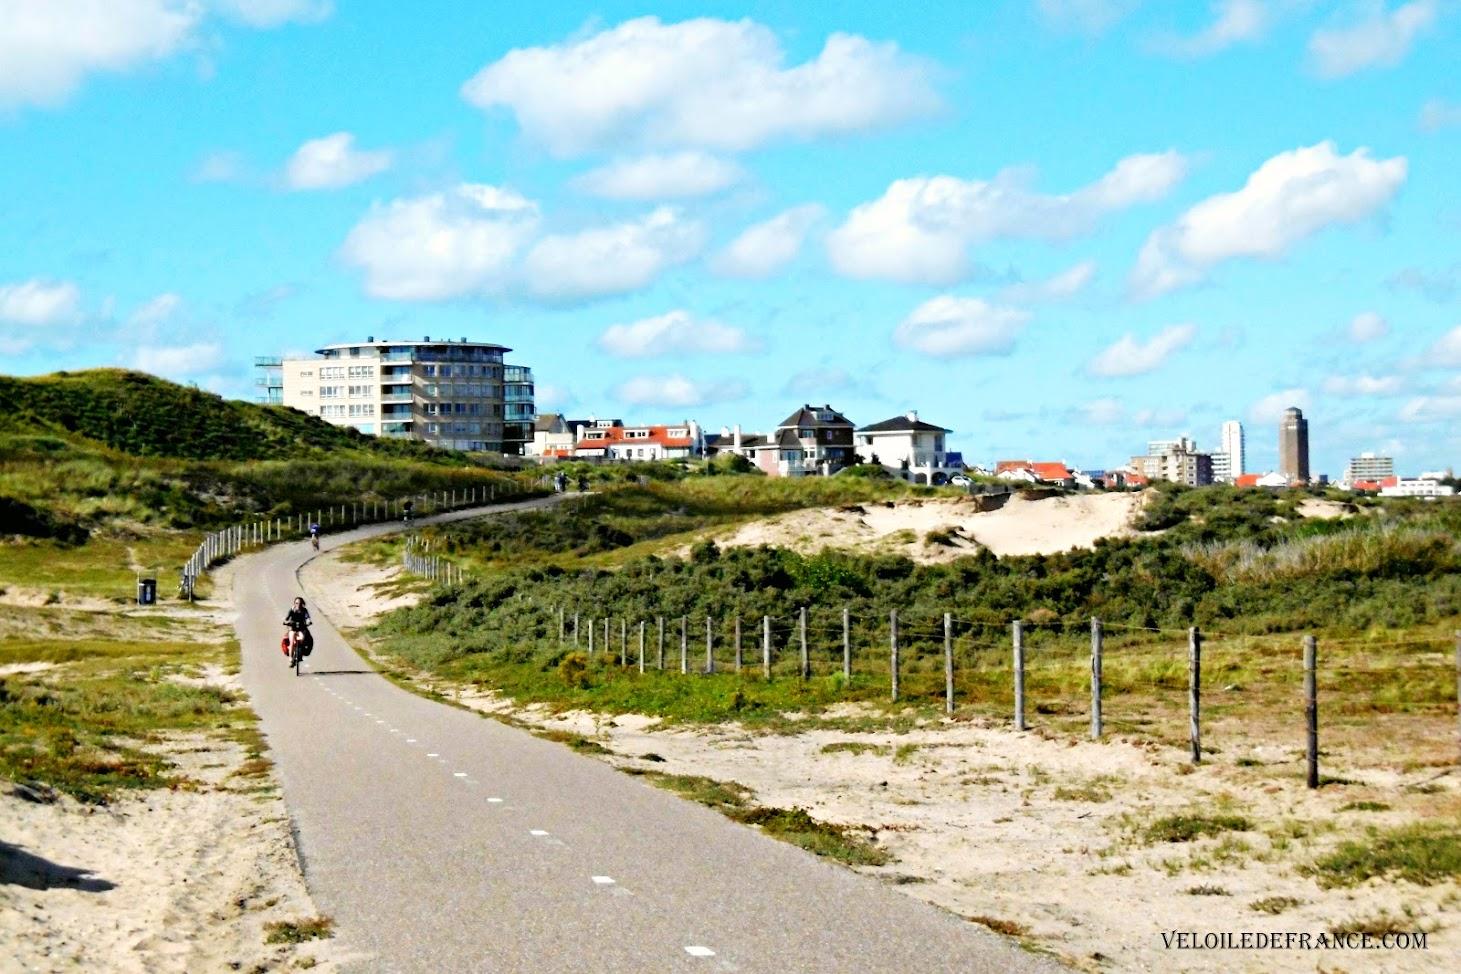 La station balnéaire Zandvoort au loin - Blog LF1 : La véloroute de la Mer du Nord d'Amsterdam à Bruges par veloiledefrance.com